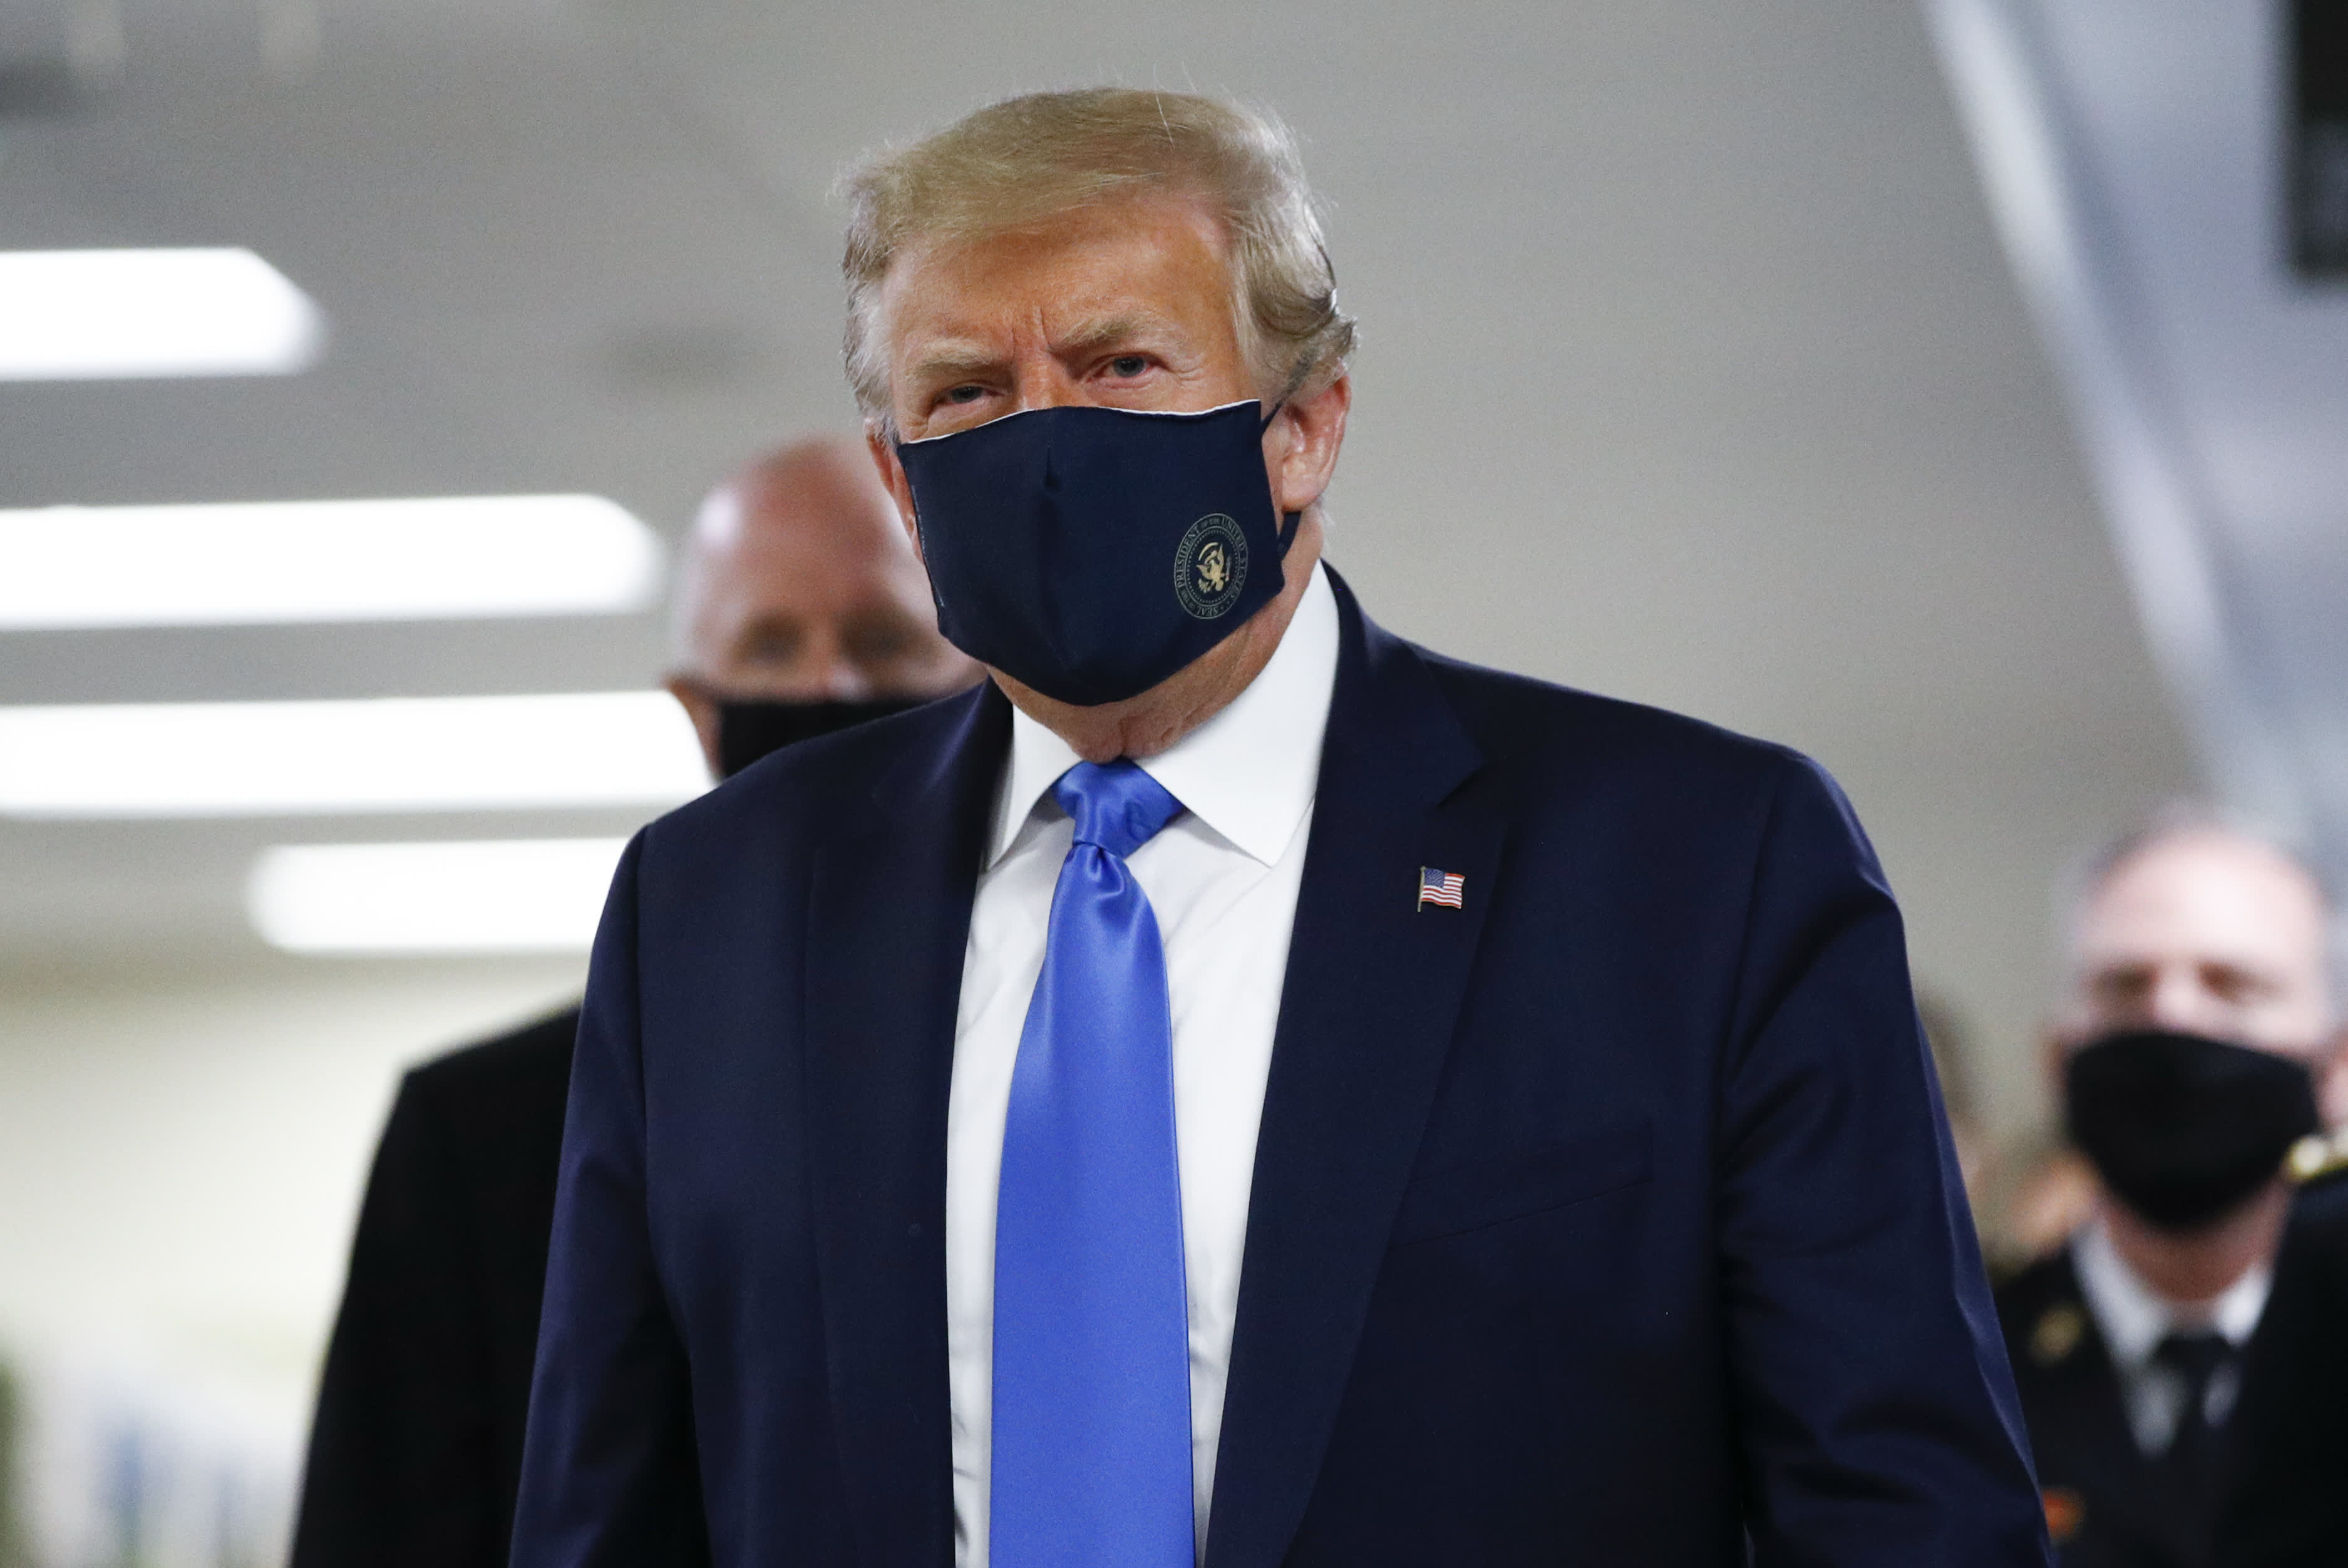 Trump indossa una maschera di coronavirus durante la visita pubblica all'ospedale militare Walter Reed